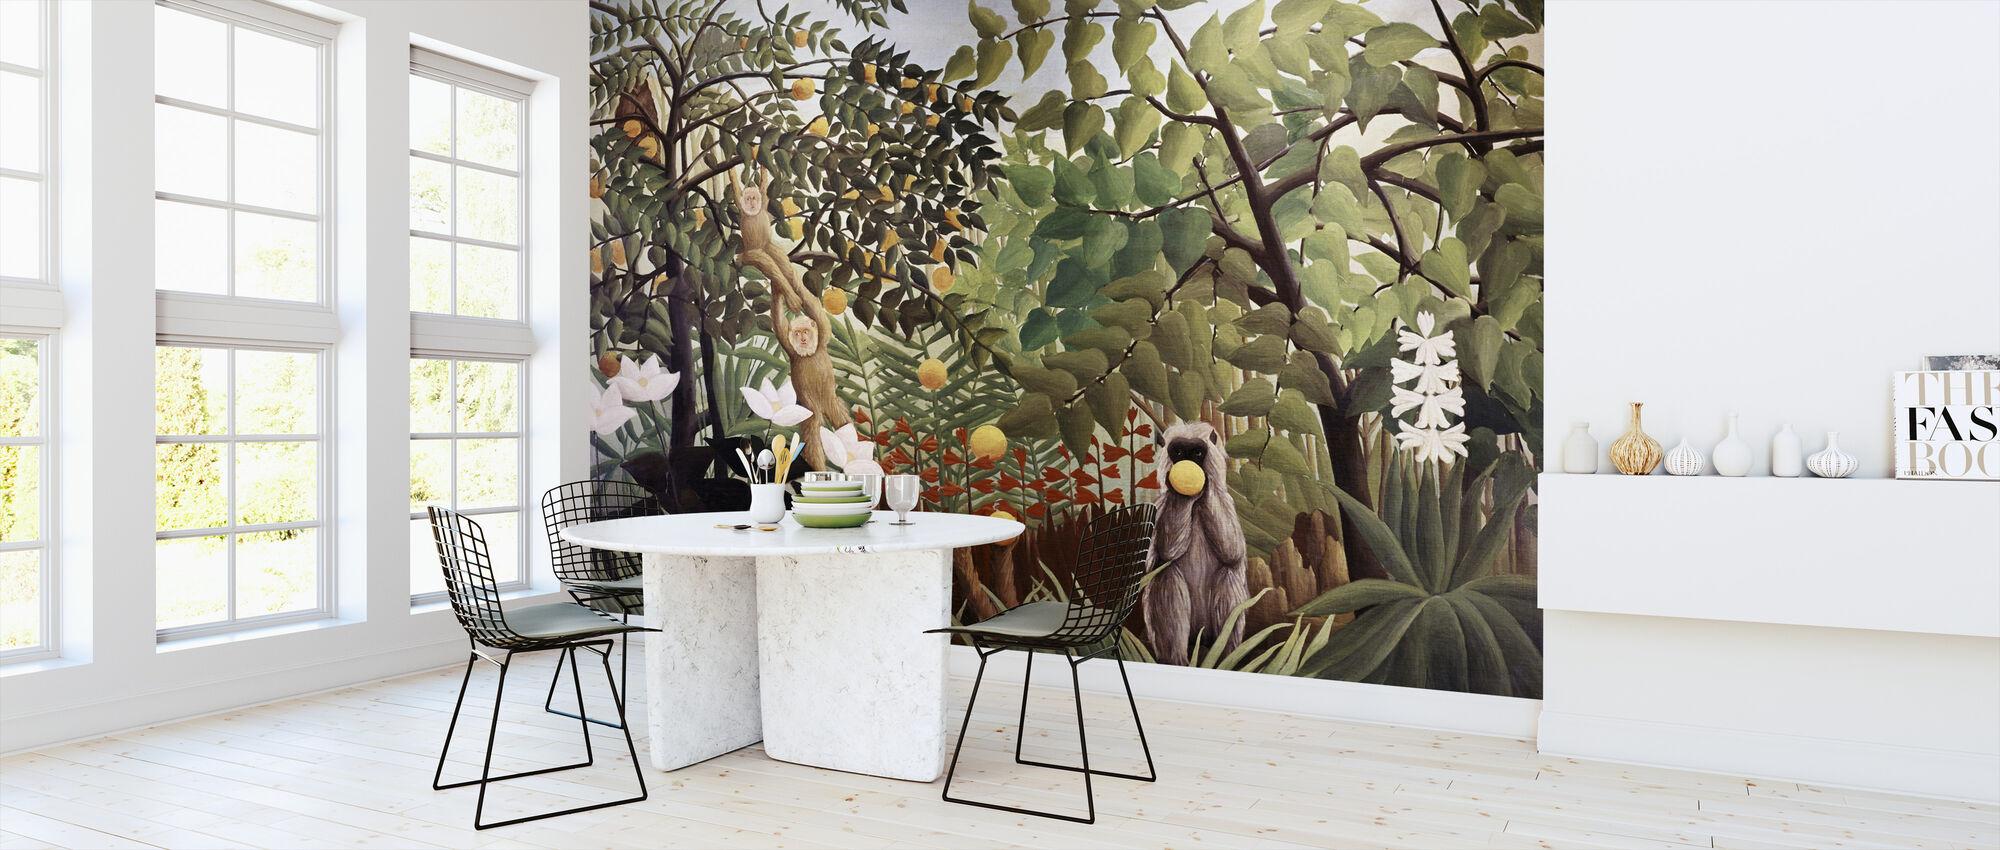 Exotic Landscape - Henri Rousseau - Wallpaper - Kitchen